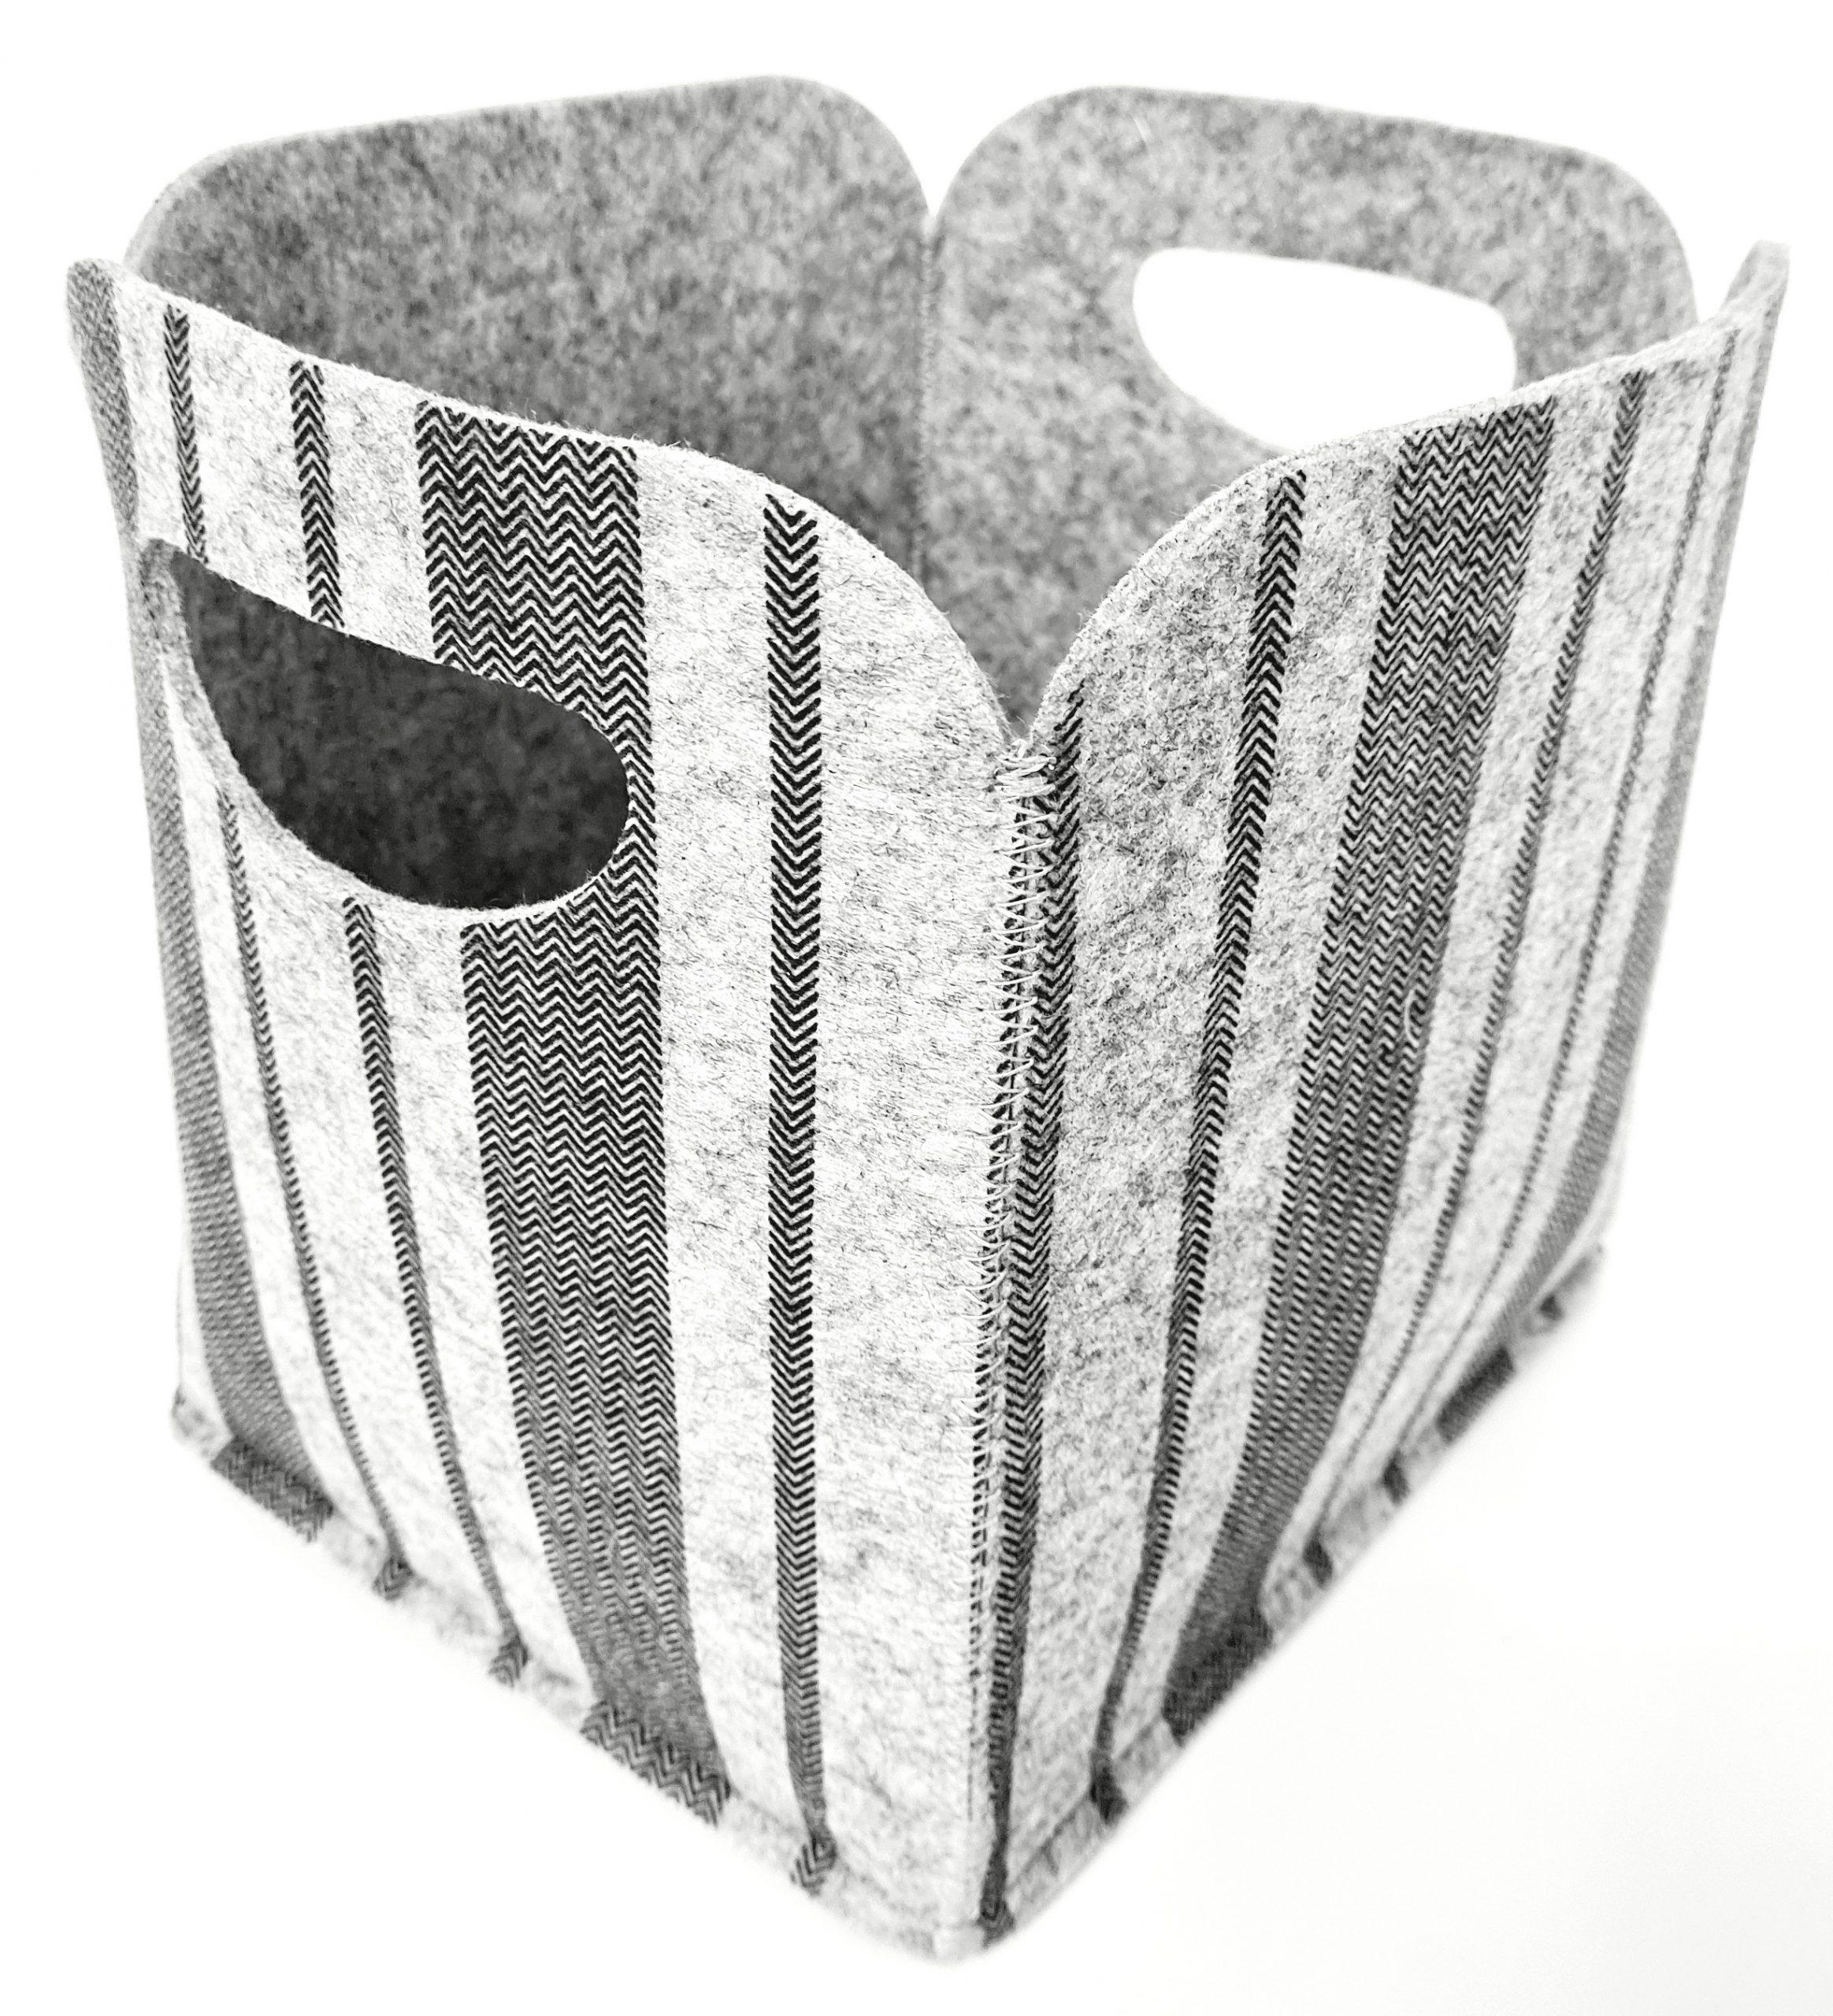 Hellgraue mit grauem Muster Filzbox - Handgemachte individualisierbare Taschen, Körbe, Tischsets, Dekoartikel und mehr auf fideko.de der Onlineshop seit 2011